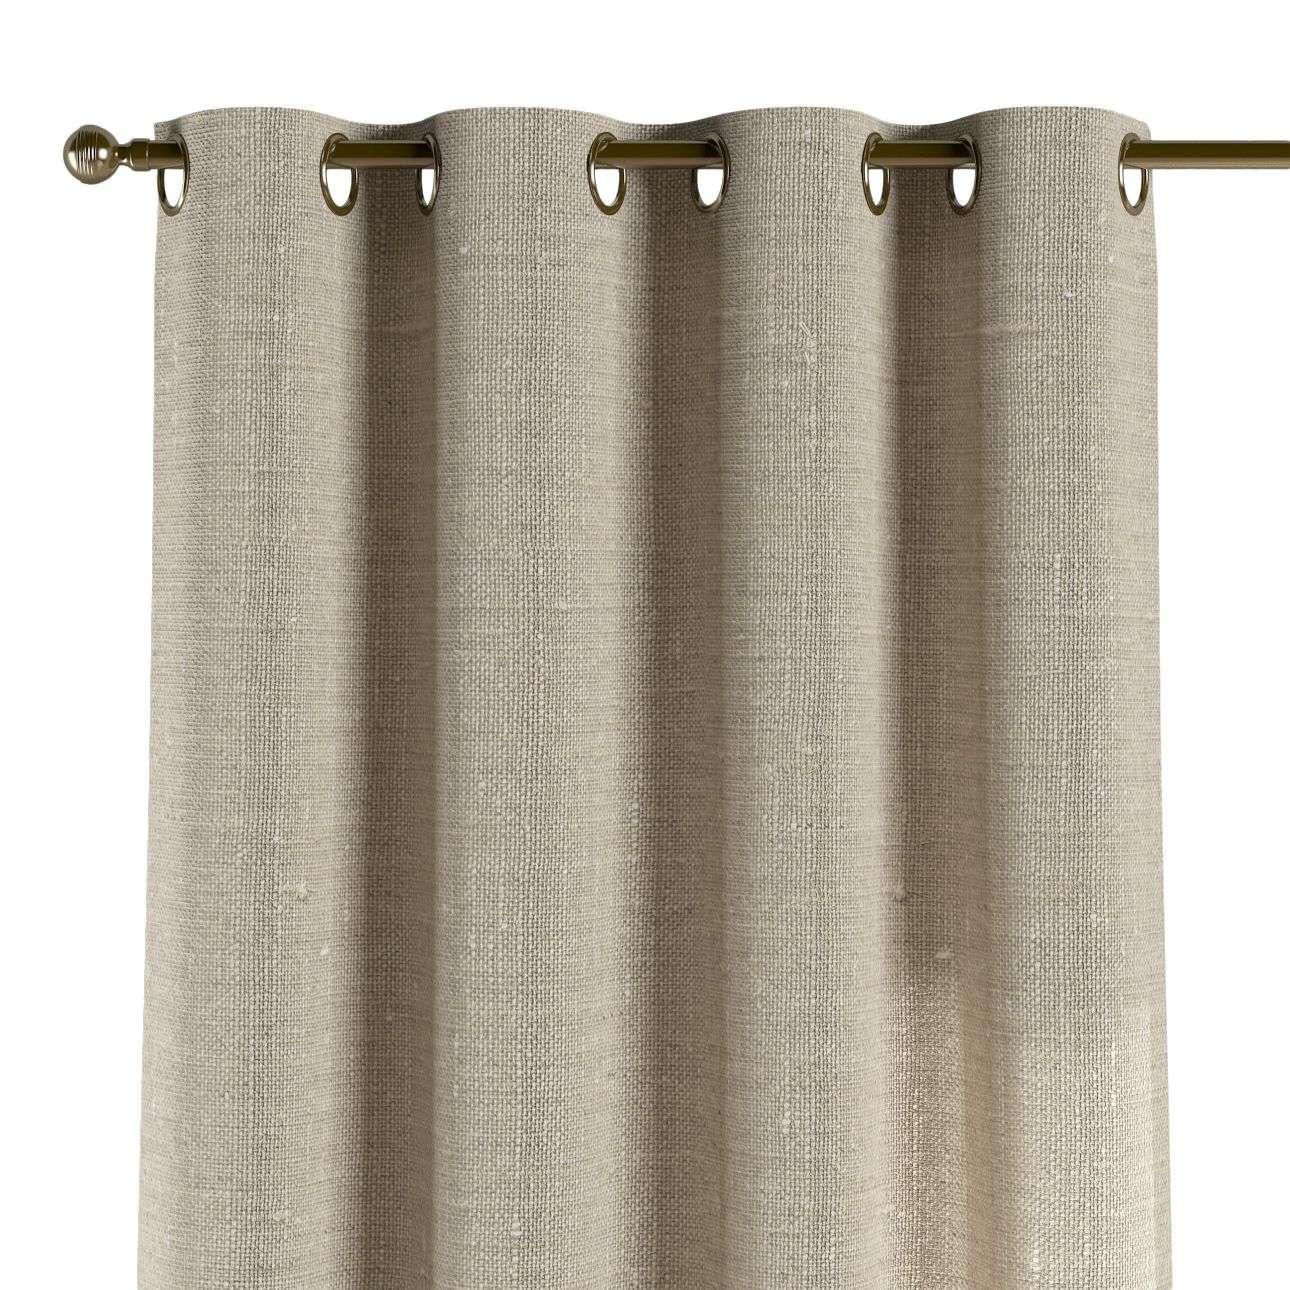 Závěs na kroužcích 130 x 260 cm v kolekci Linen, látka: 392-05